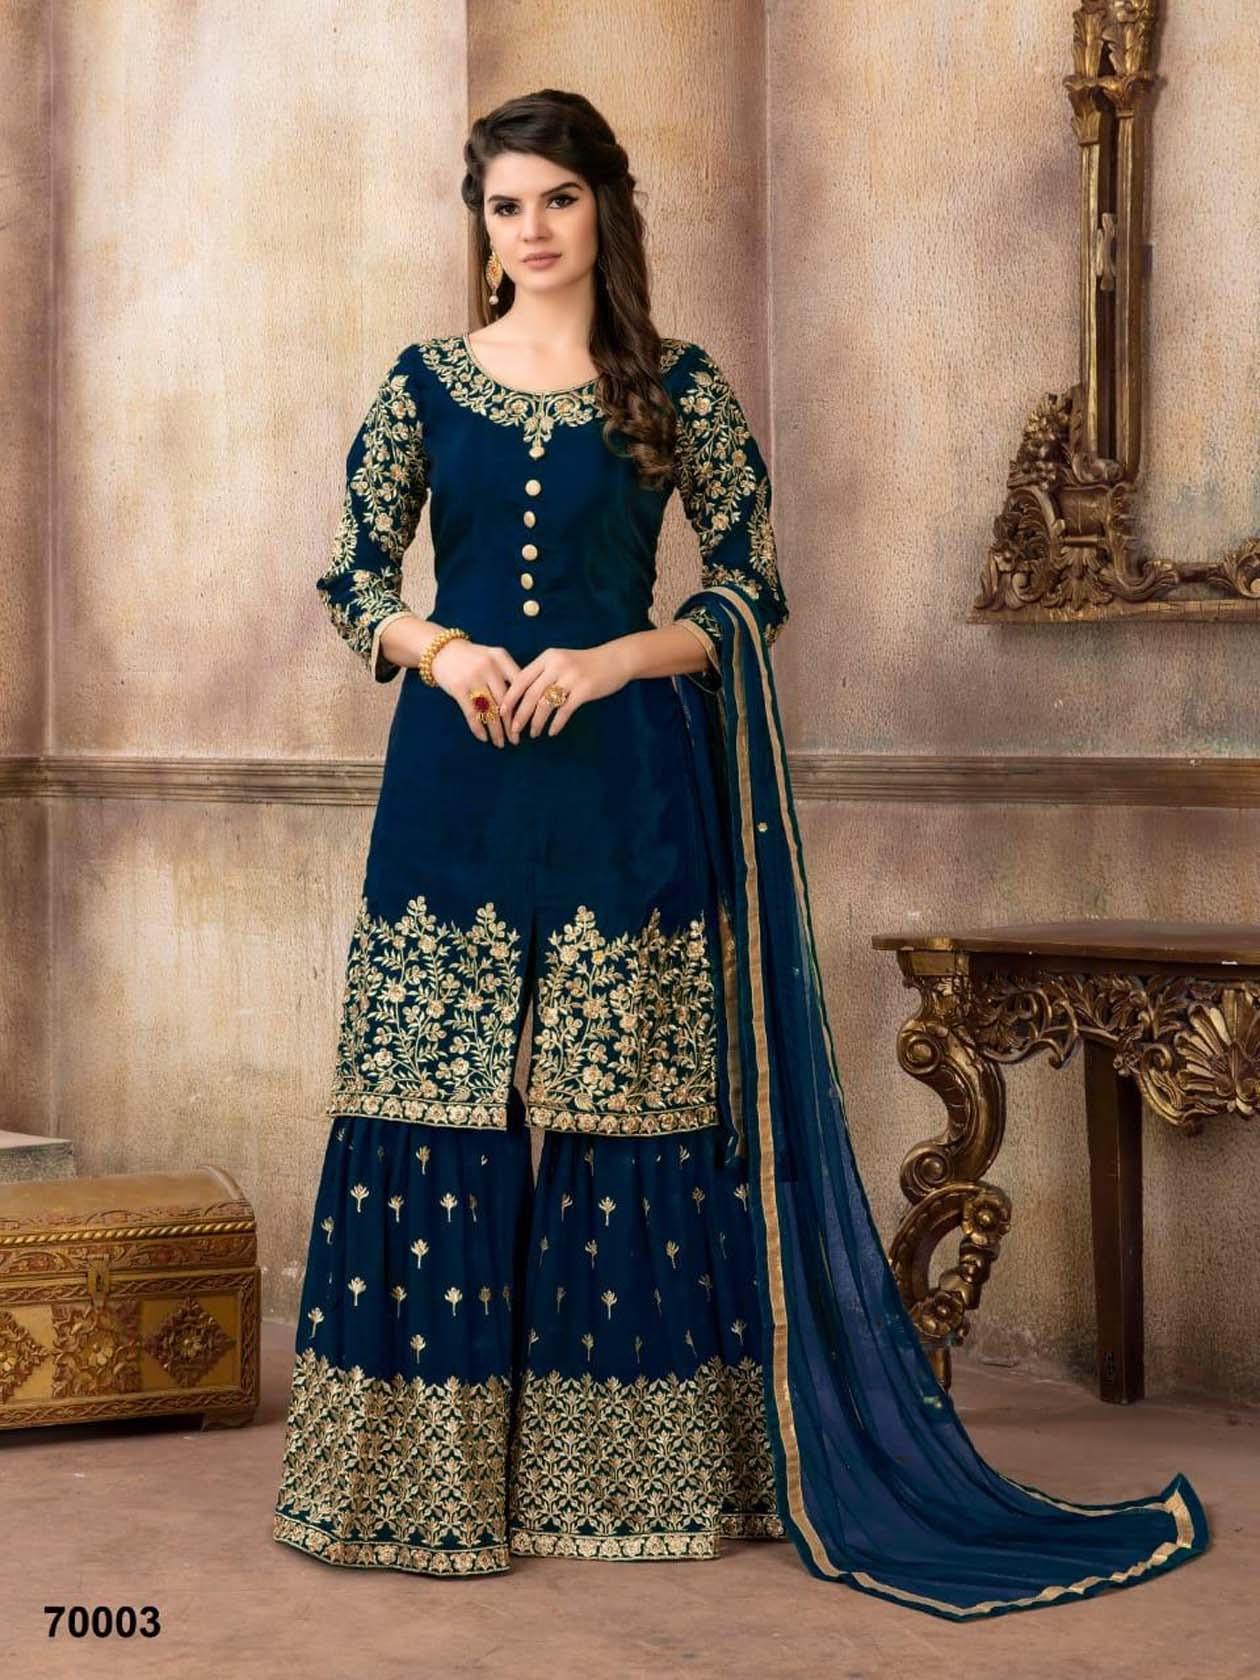 New Bridal Suit Navy Blue Color